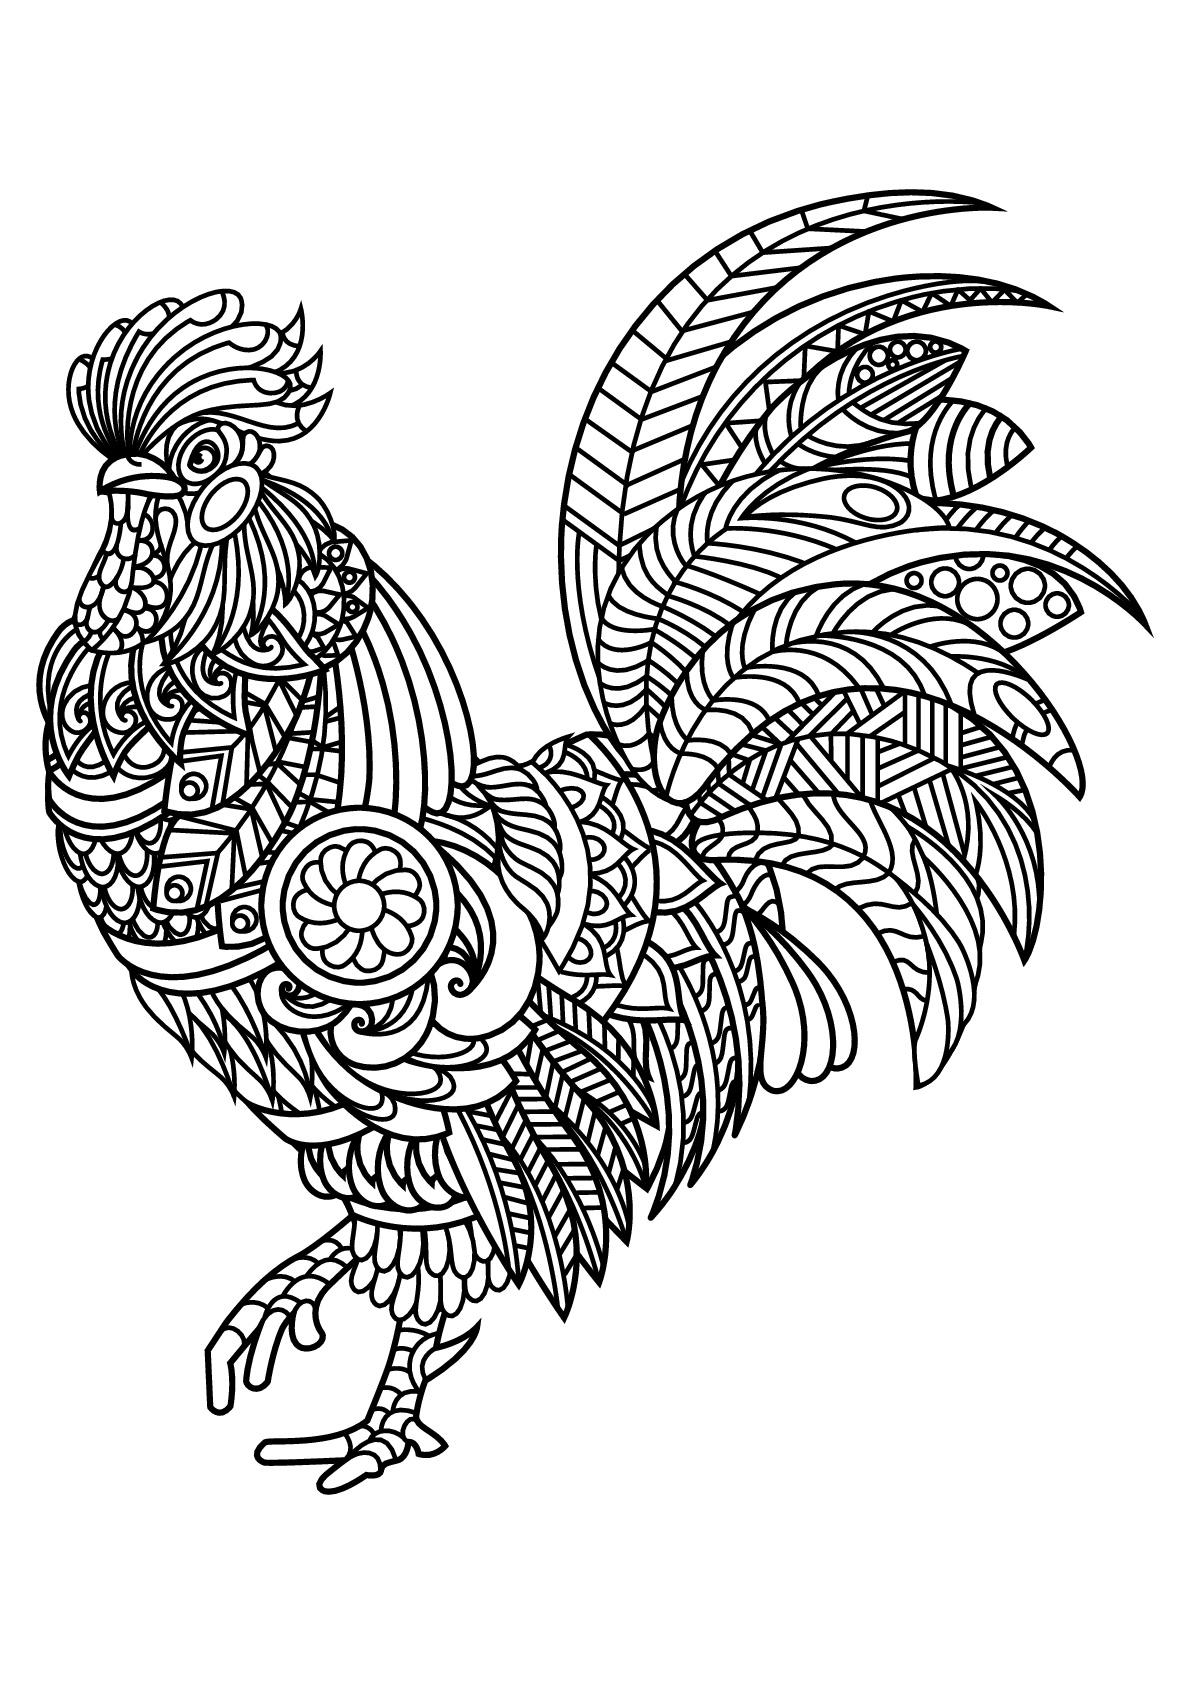 Livre gratuit coq - Oiseaux - Coloriages difficiles pour adultes